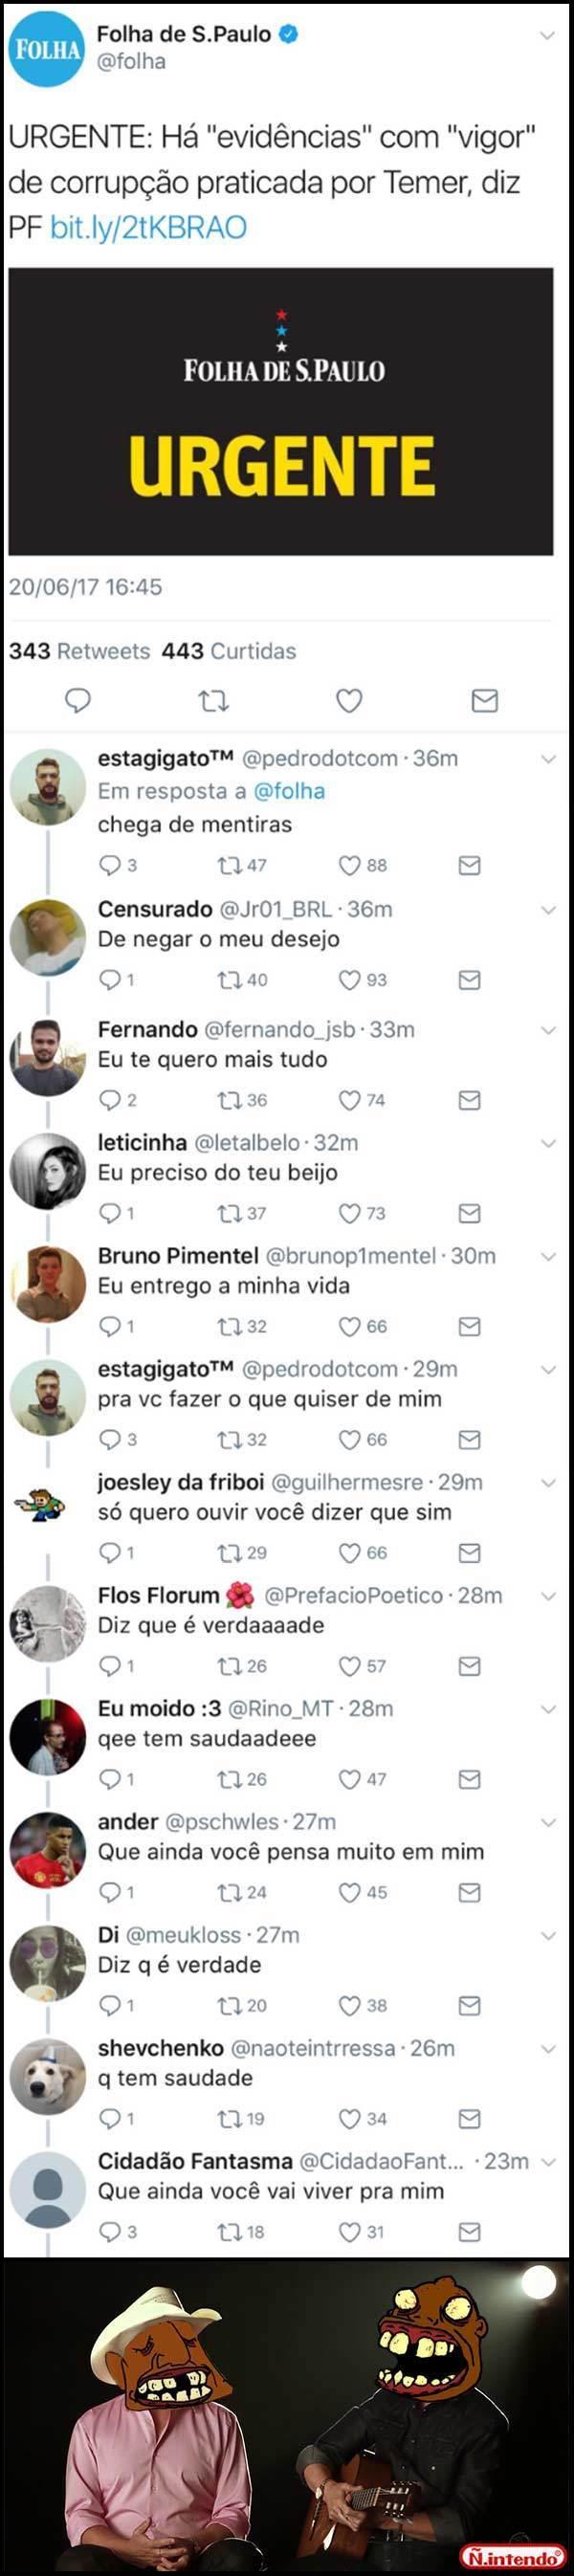 Evidências De Que O Brasileiro Ama Evidências